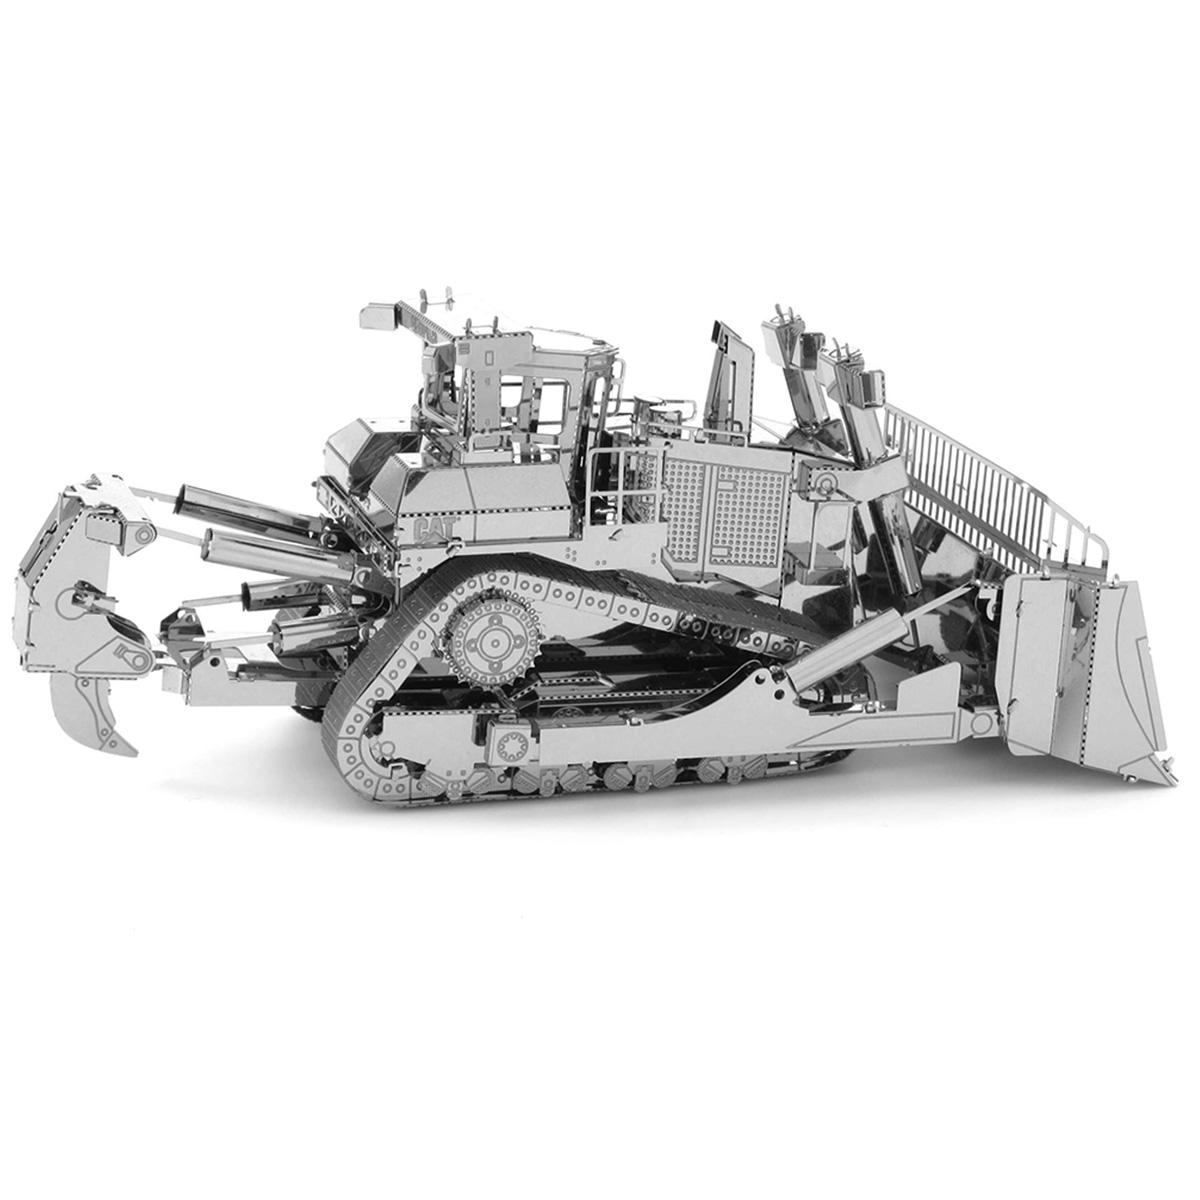 Rätsel Metal Earth Fascinations original 3D Metal Puzzle laser cut models